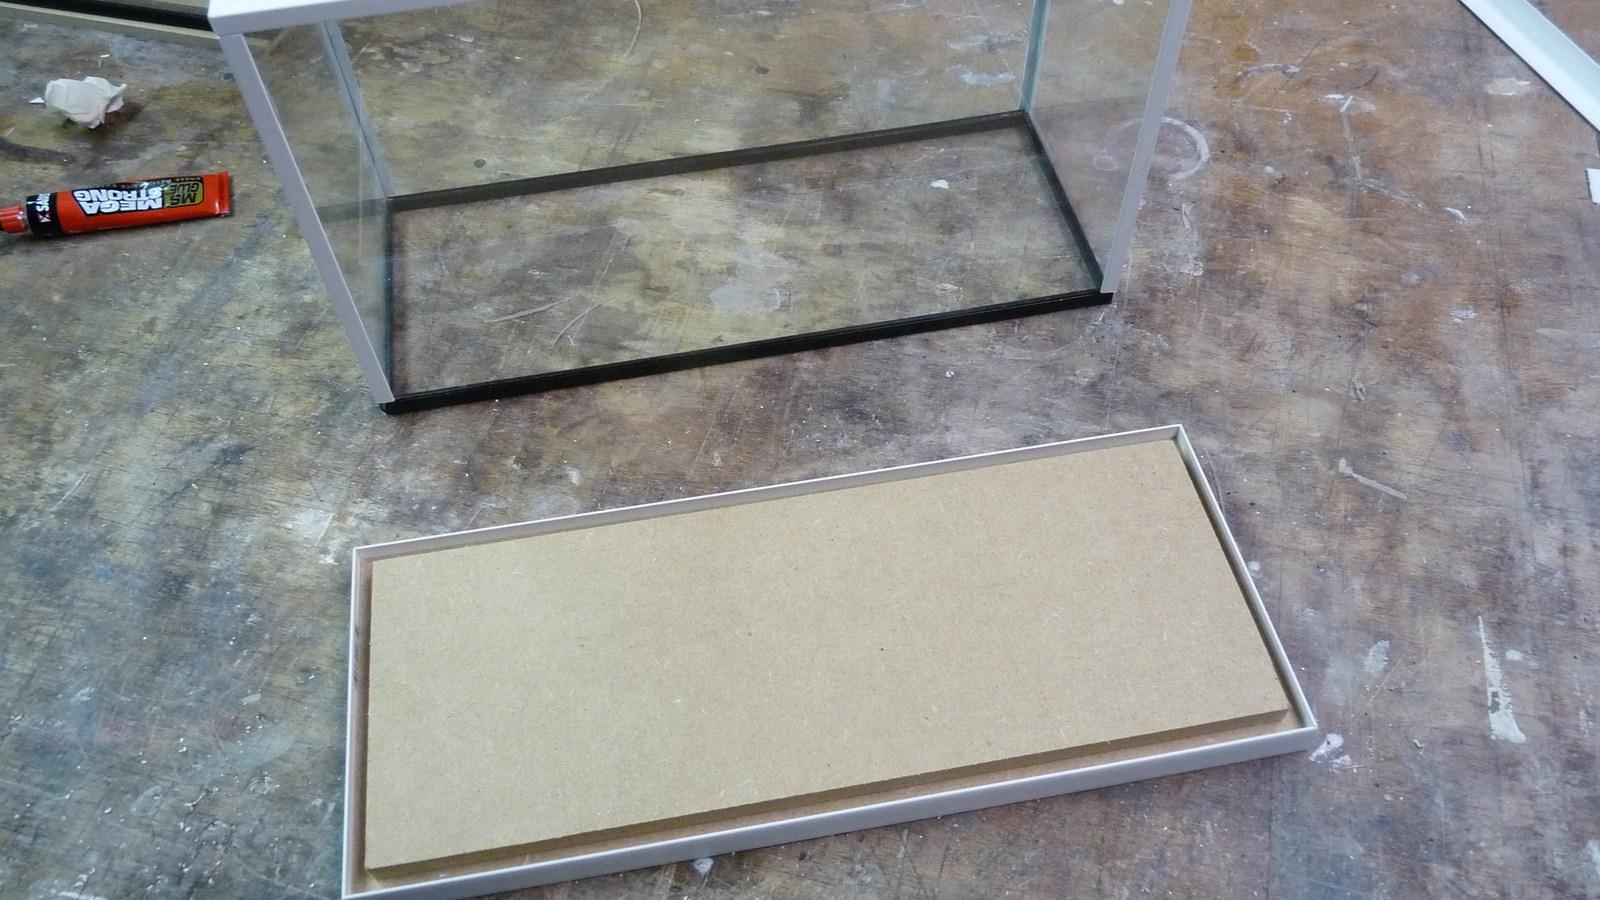 fabriquer une vitrine - Fabriquer ses propres vitrines en verre 17071907271423134915156559